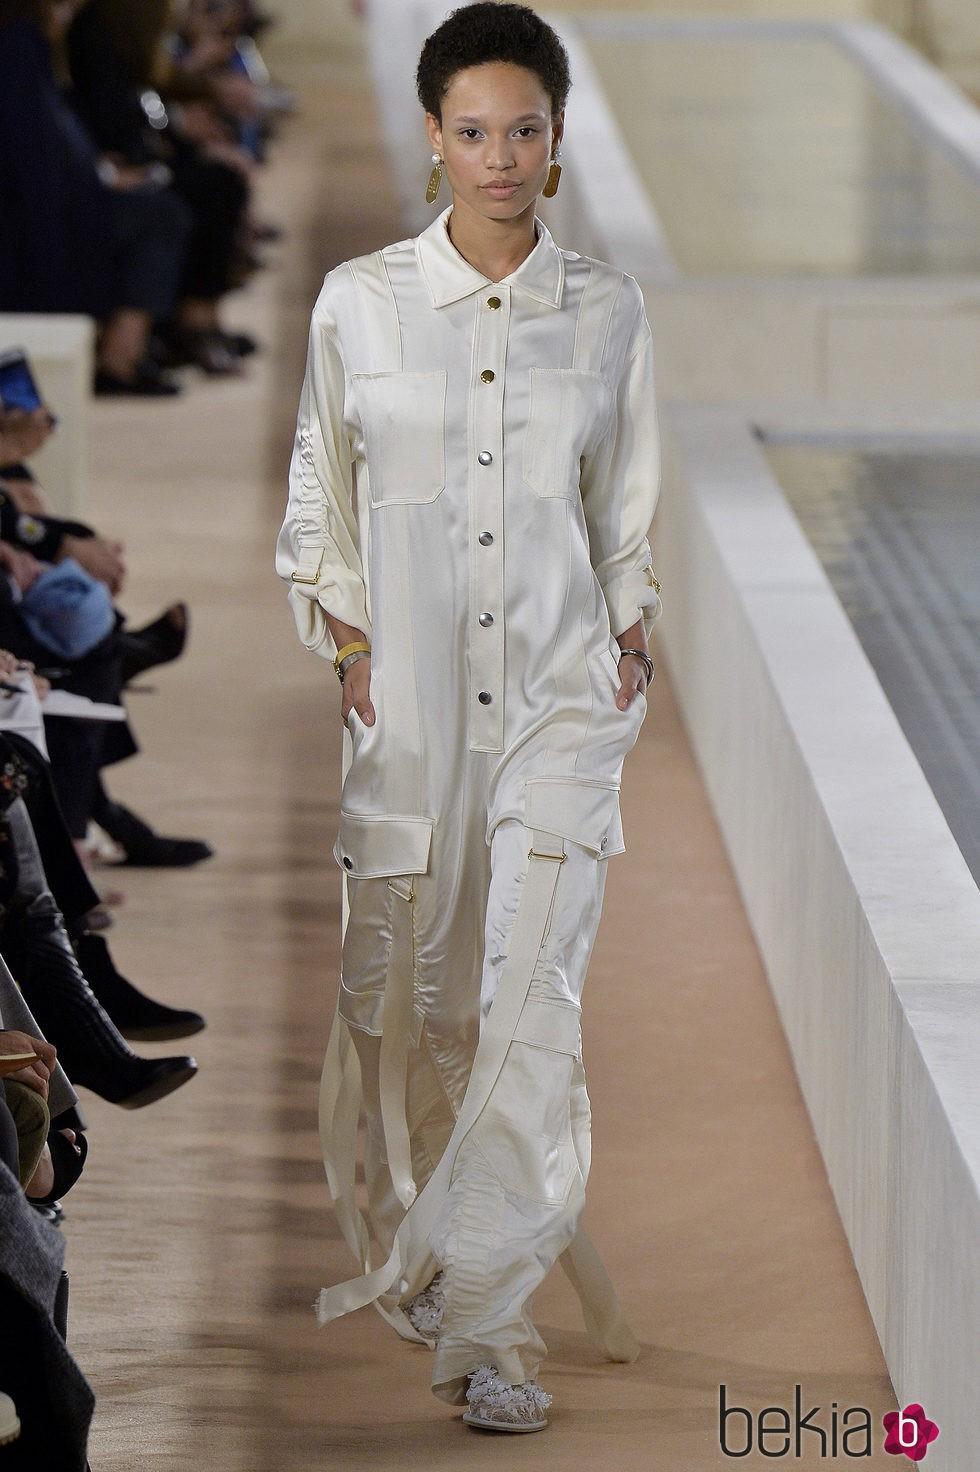 383b281a92 Anterior Jumpsuit blanco de la colección primavera verano 2016 de Balenciaga  en Paris Fashion Week